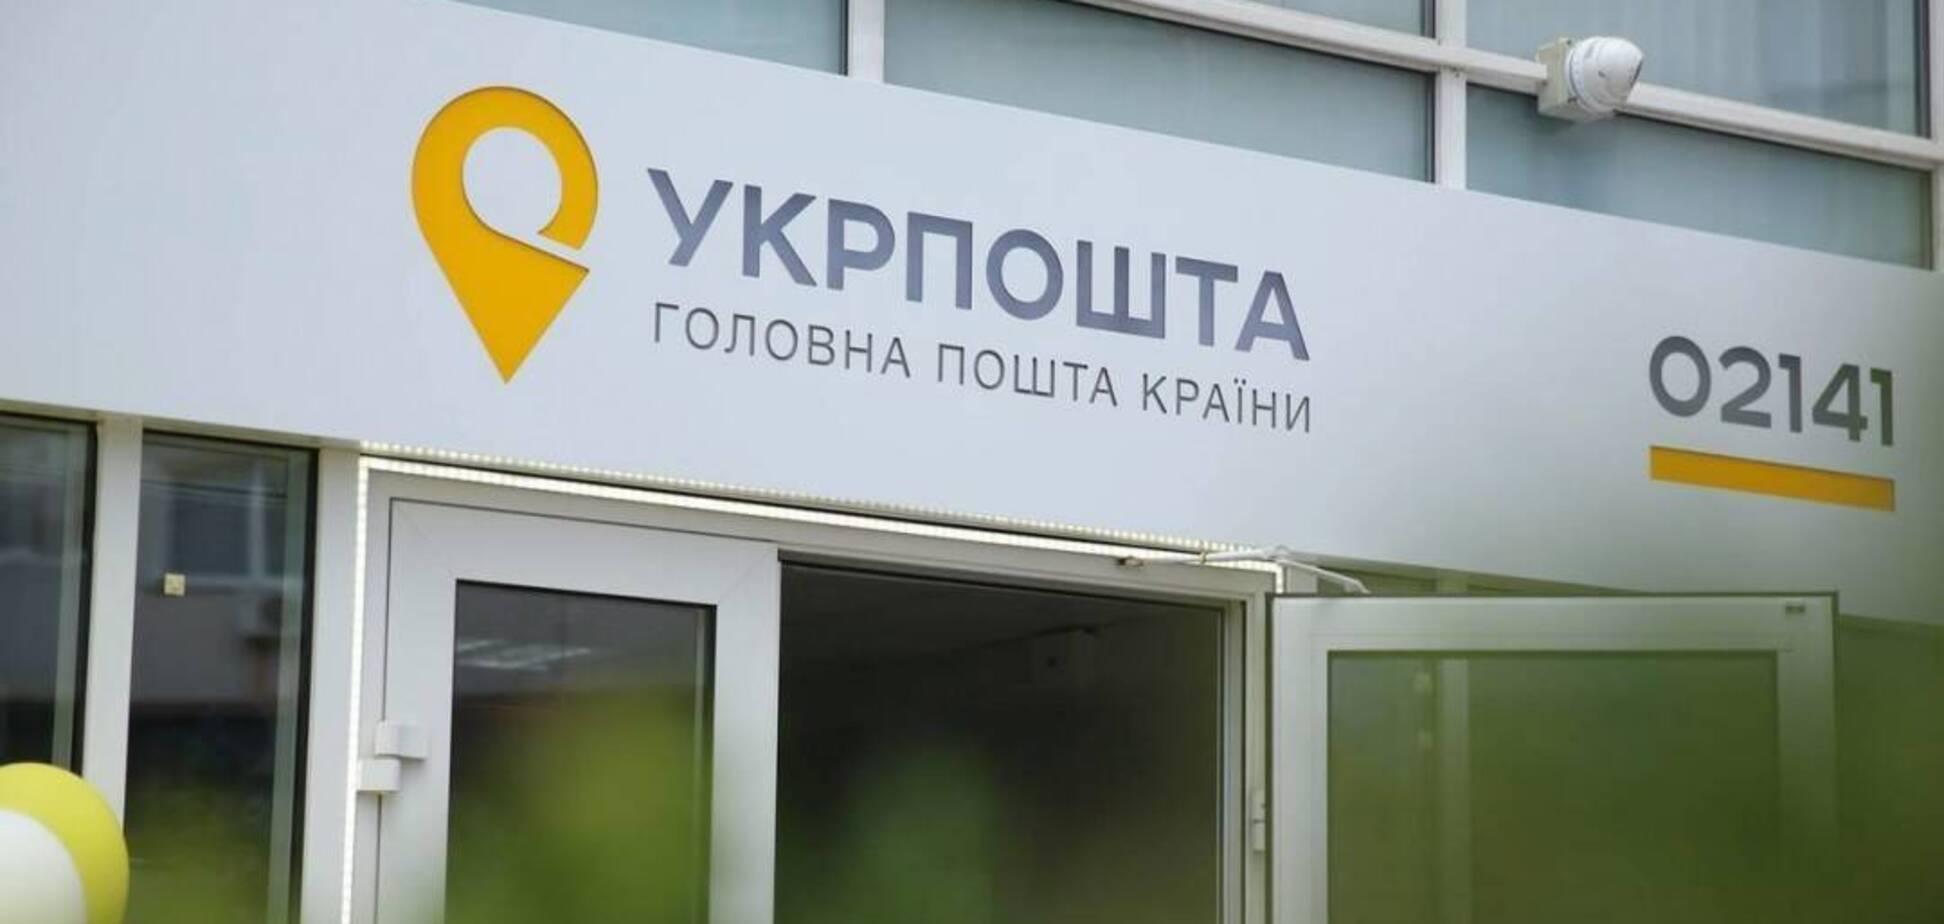 'Укрпочта' продала склады в Киеве